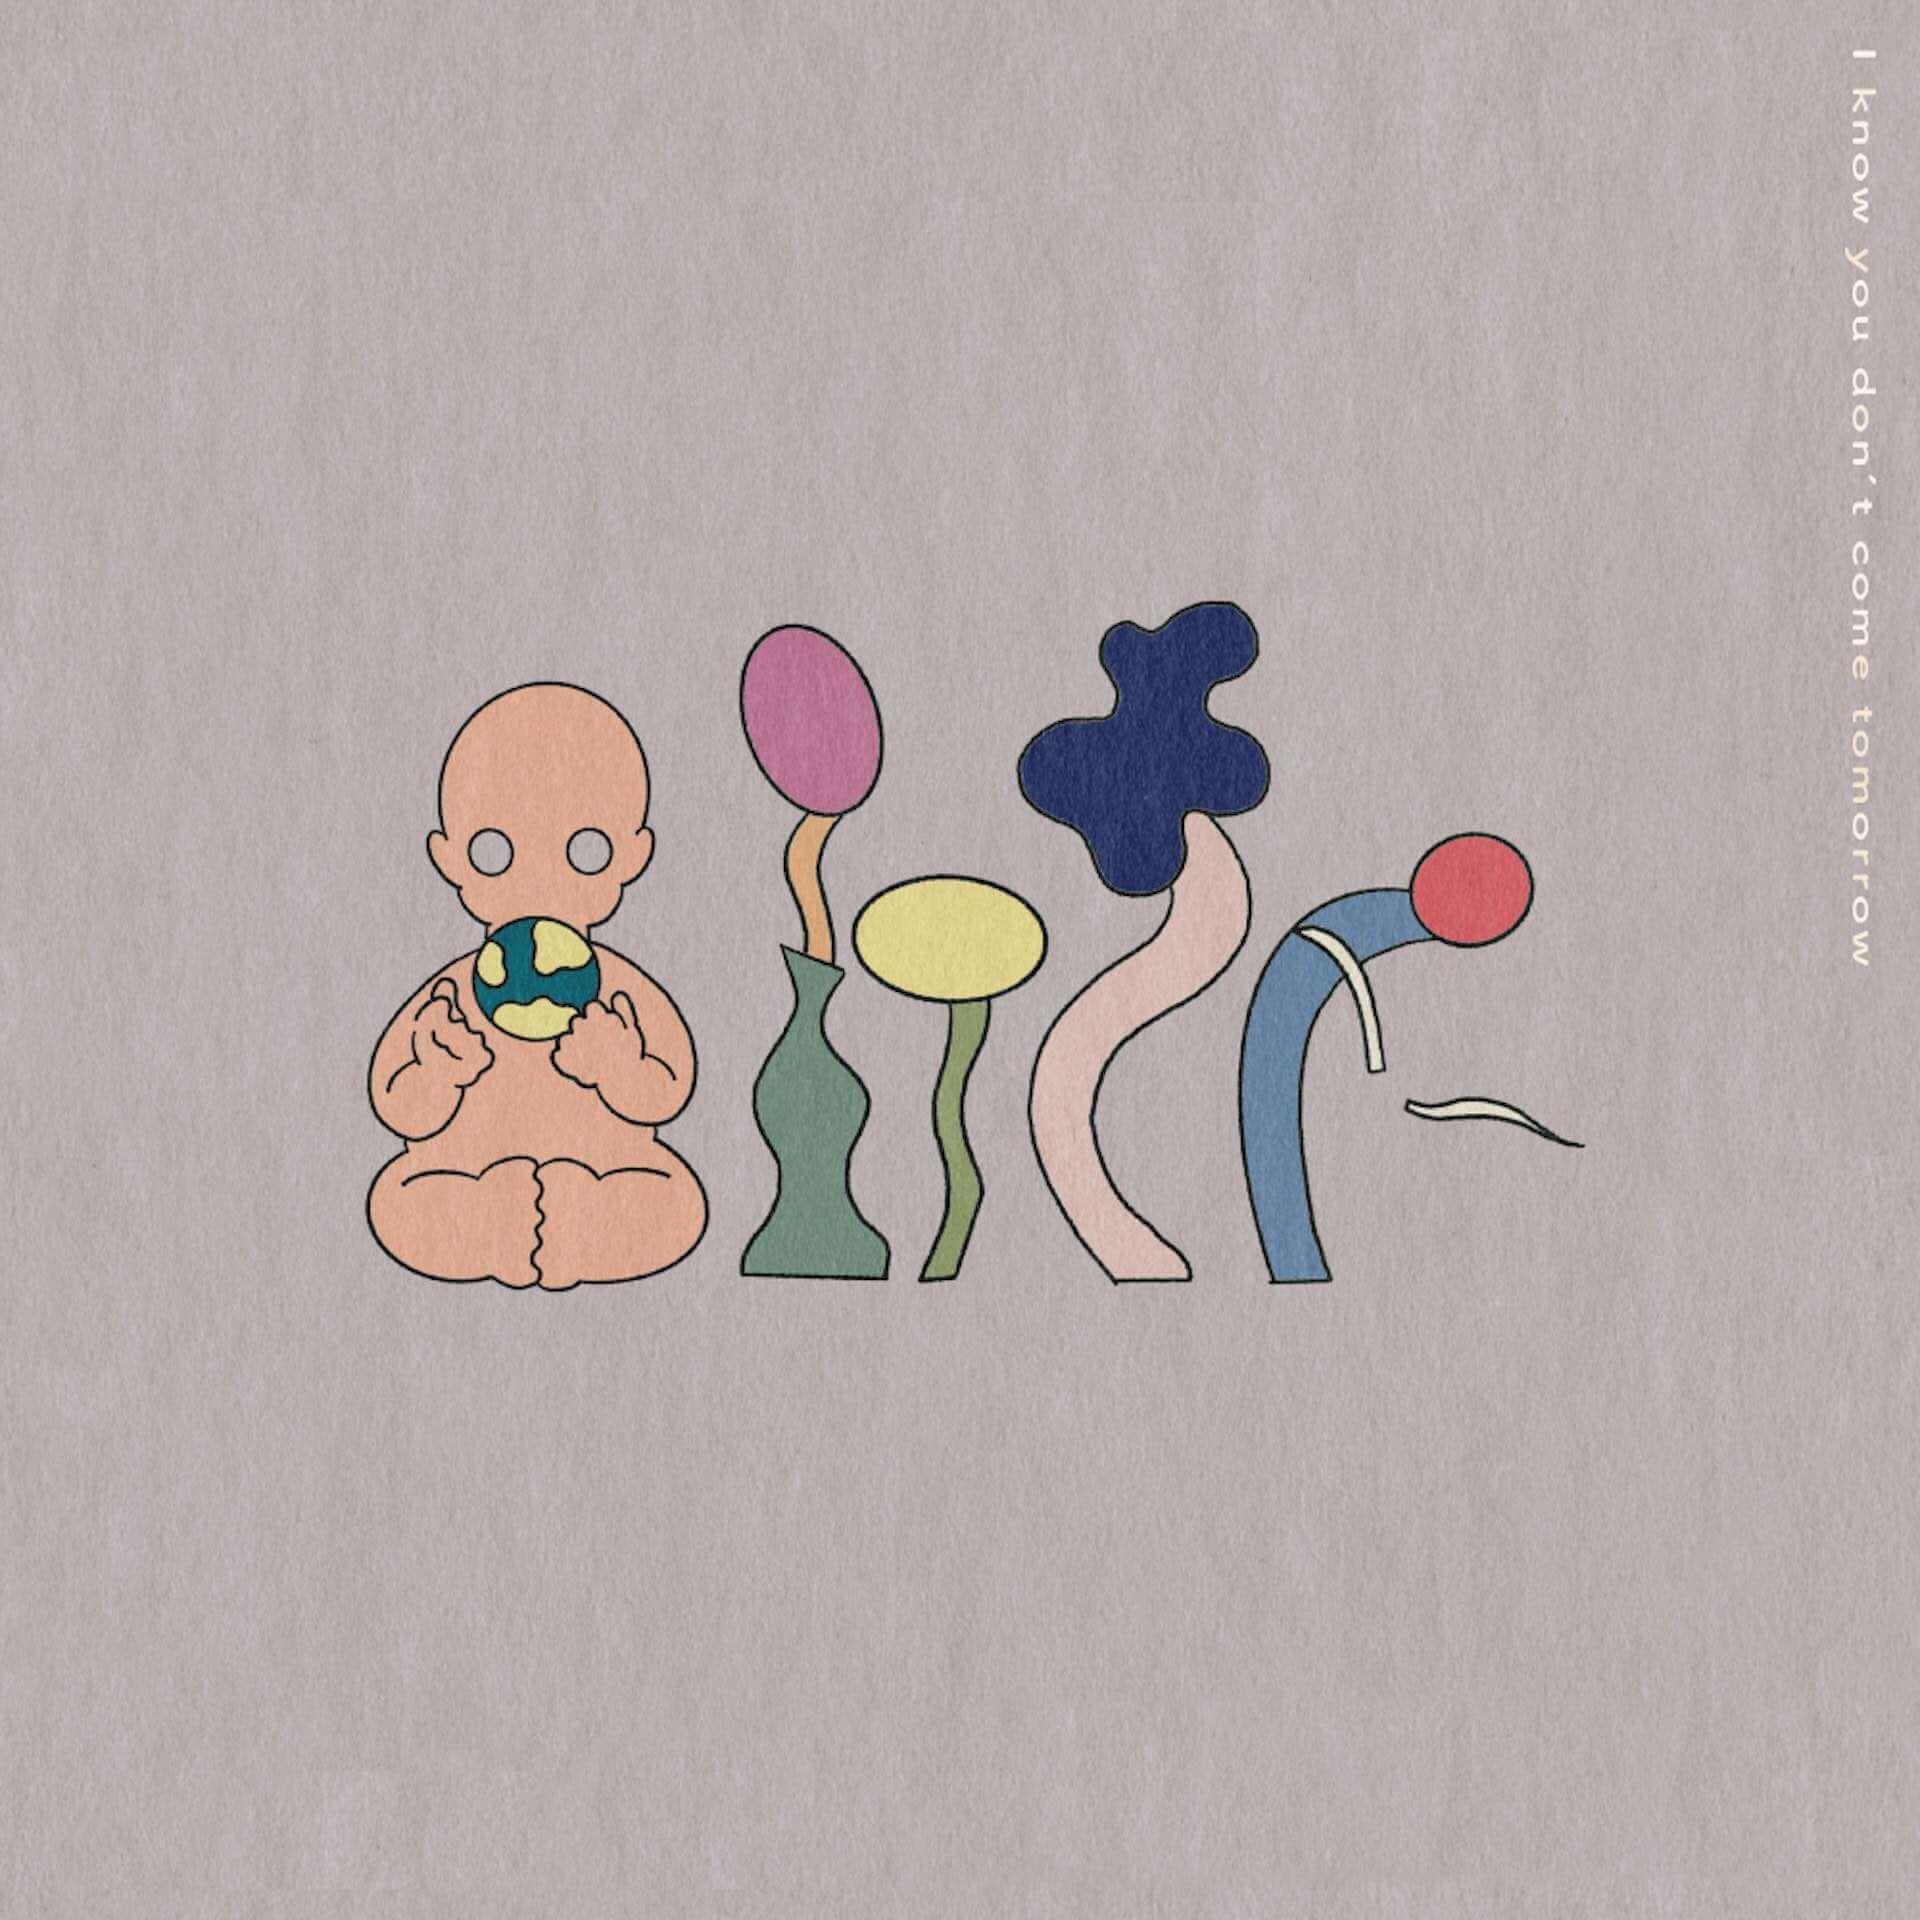 """yonawo、1stフルアルバム『明日は当然来ないでしょ』のアナログ盤を発売決定!chelmicoがコーラスで参加した""""独白""""など14曲を収録 music210225_yonawo_3-1920x1920"""